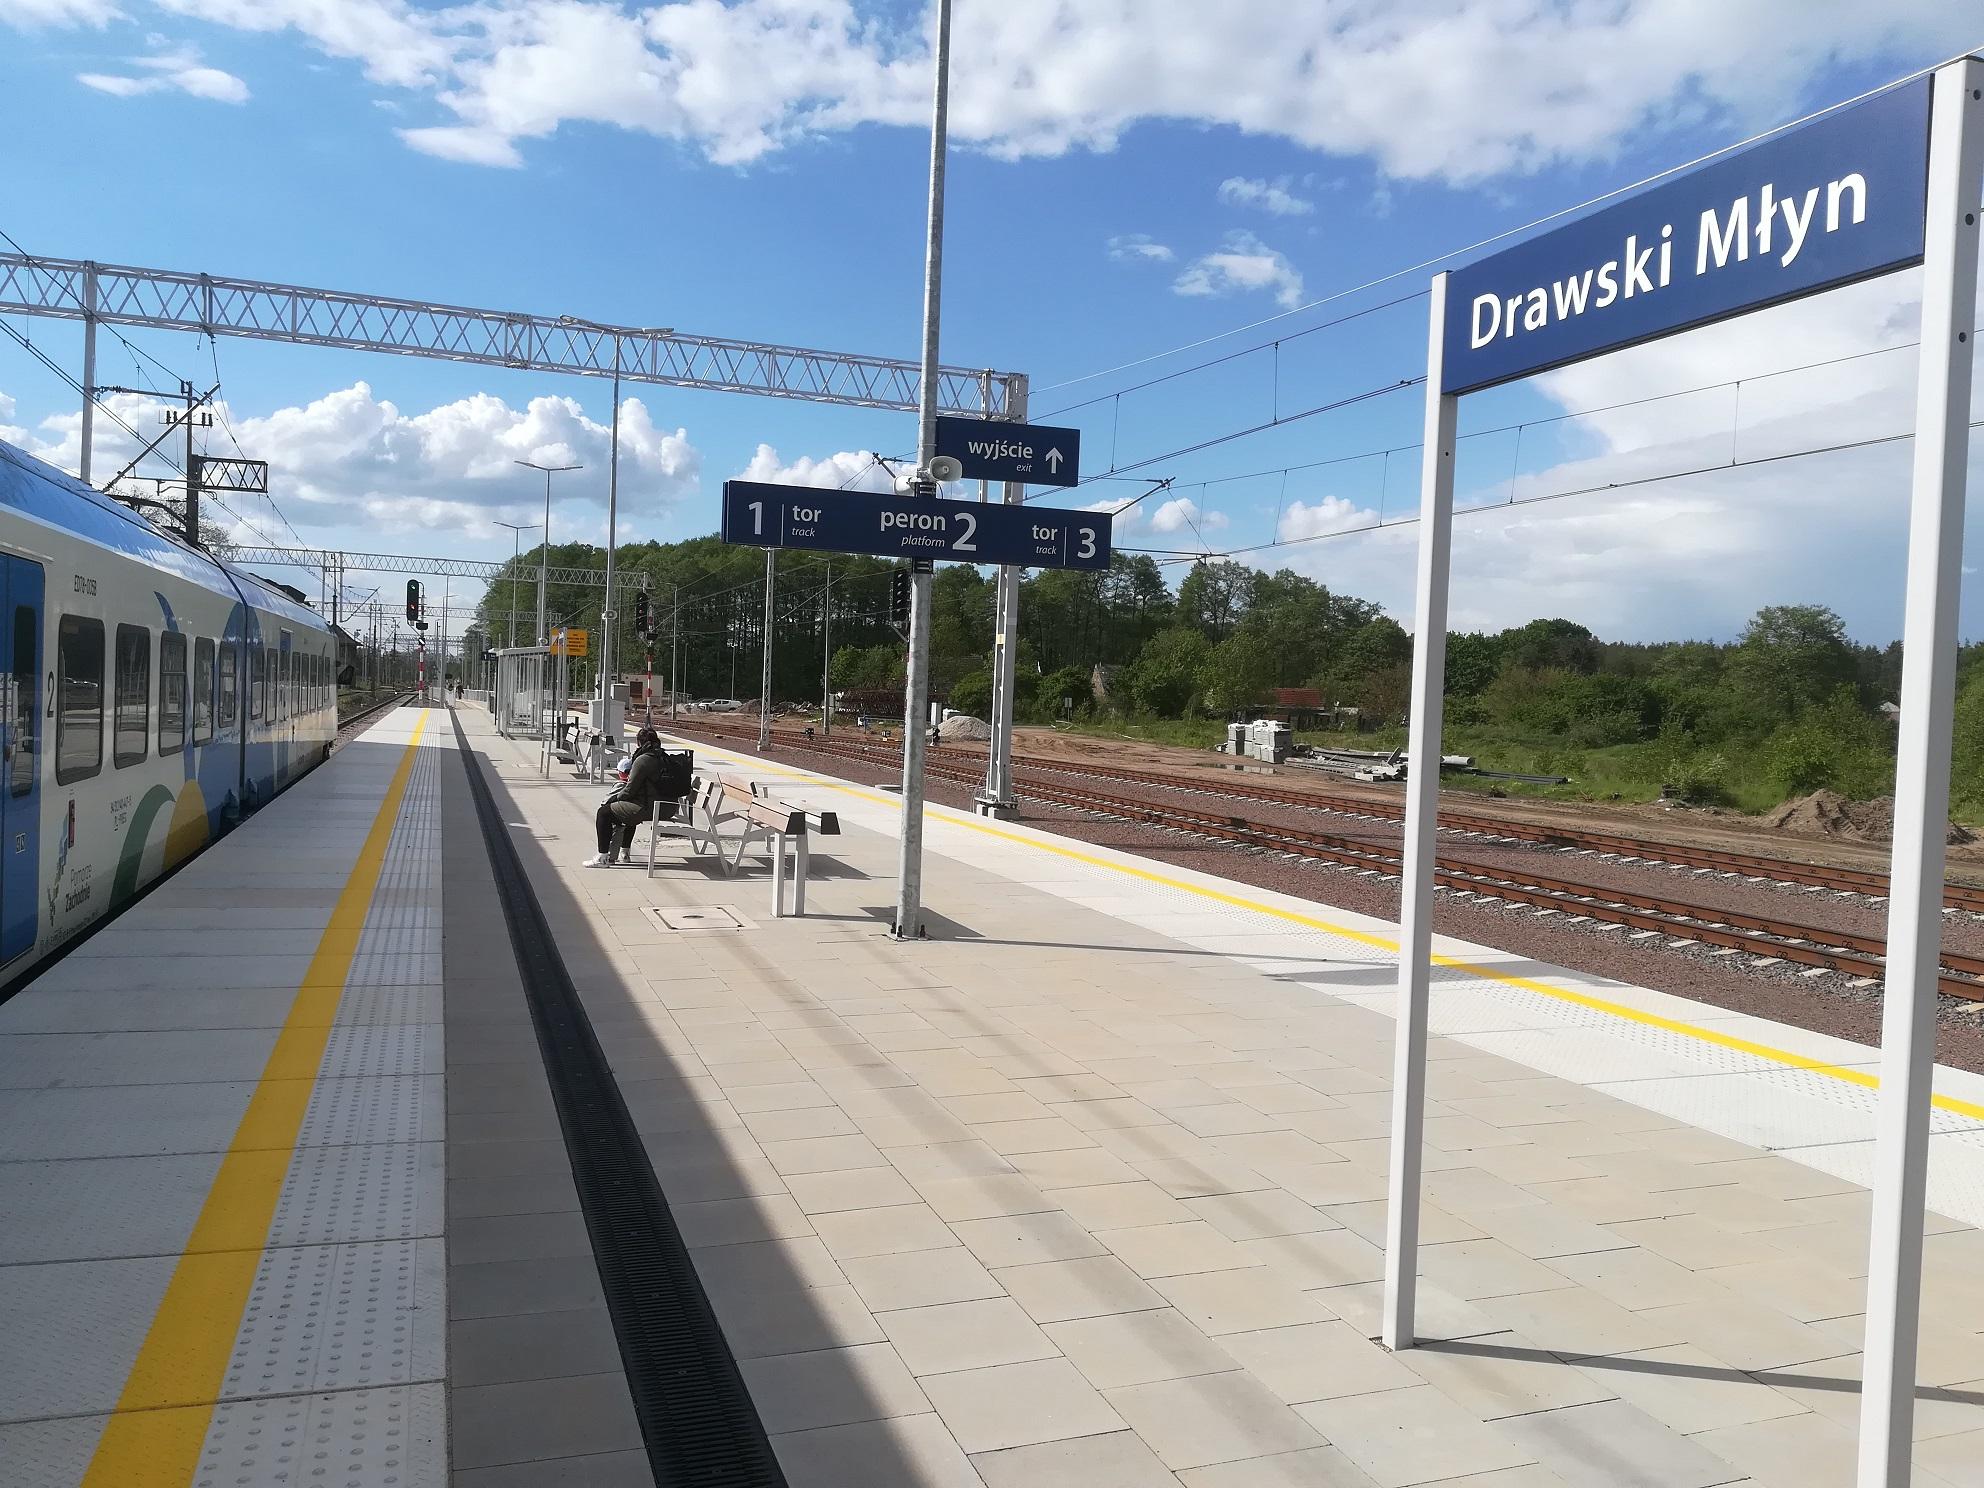 Zdjęcia przedstawiają nowy peron na stacji kolejowej Drawski Młyn. Peron wyposażony jest w gotową infrastrukturę kolejową.